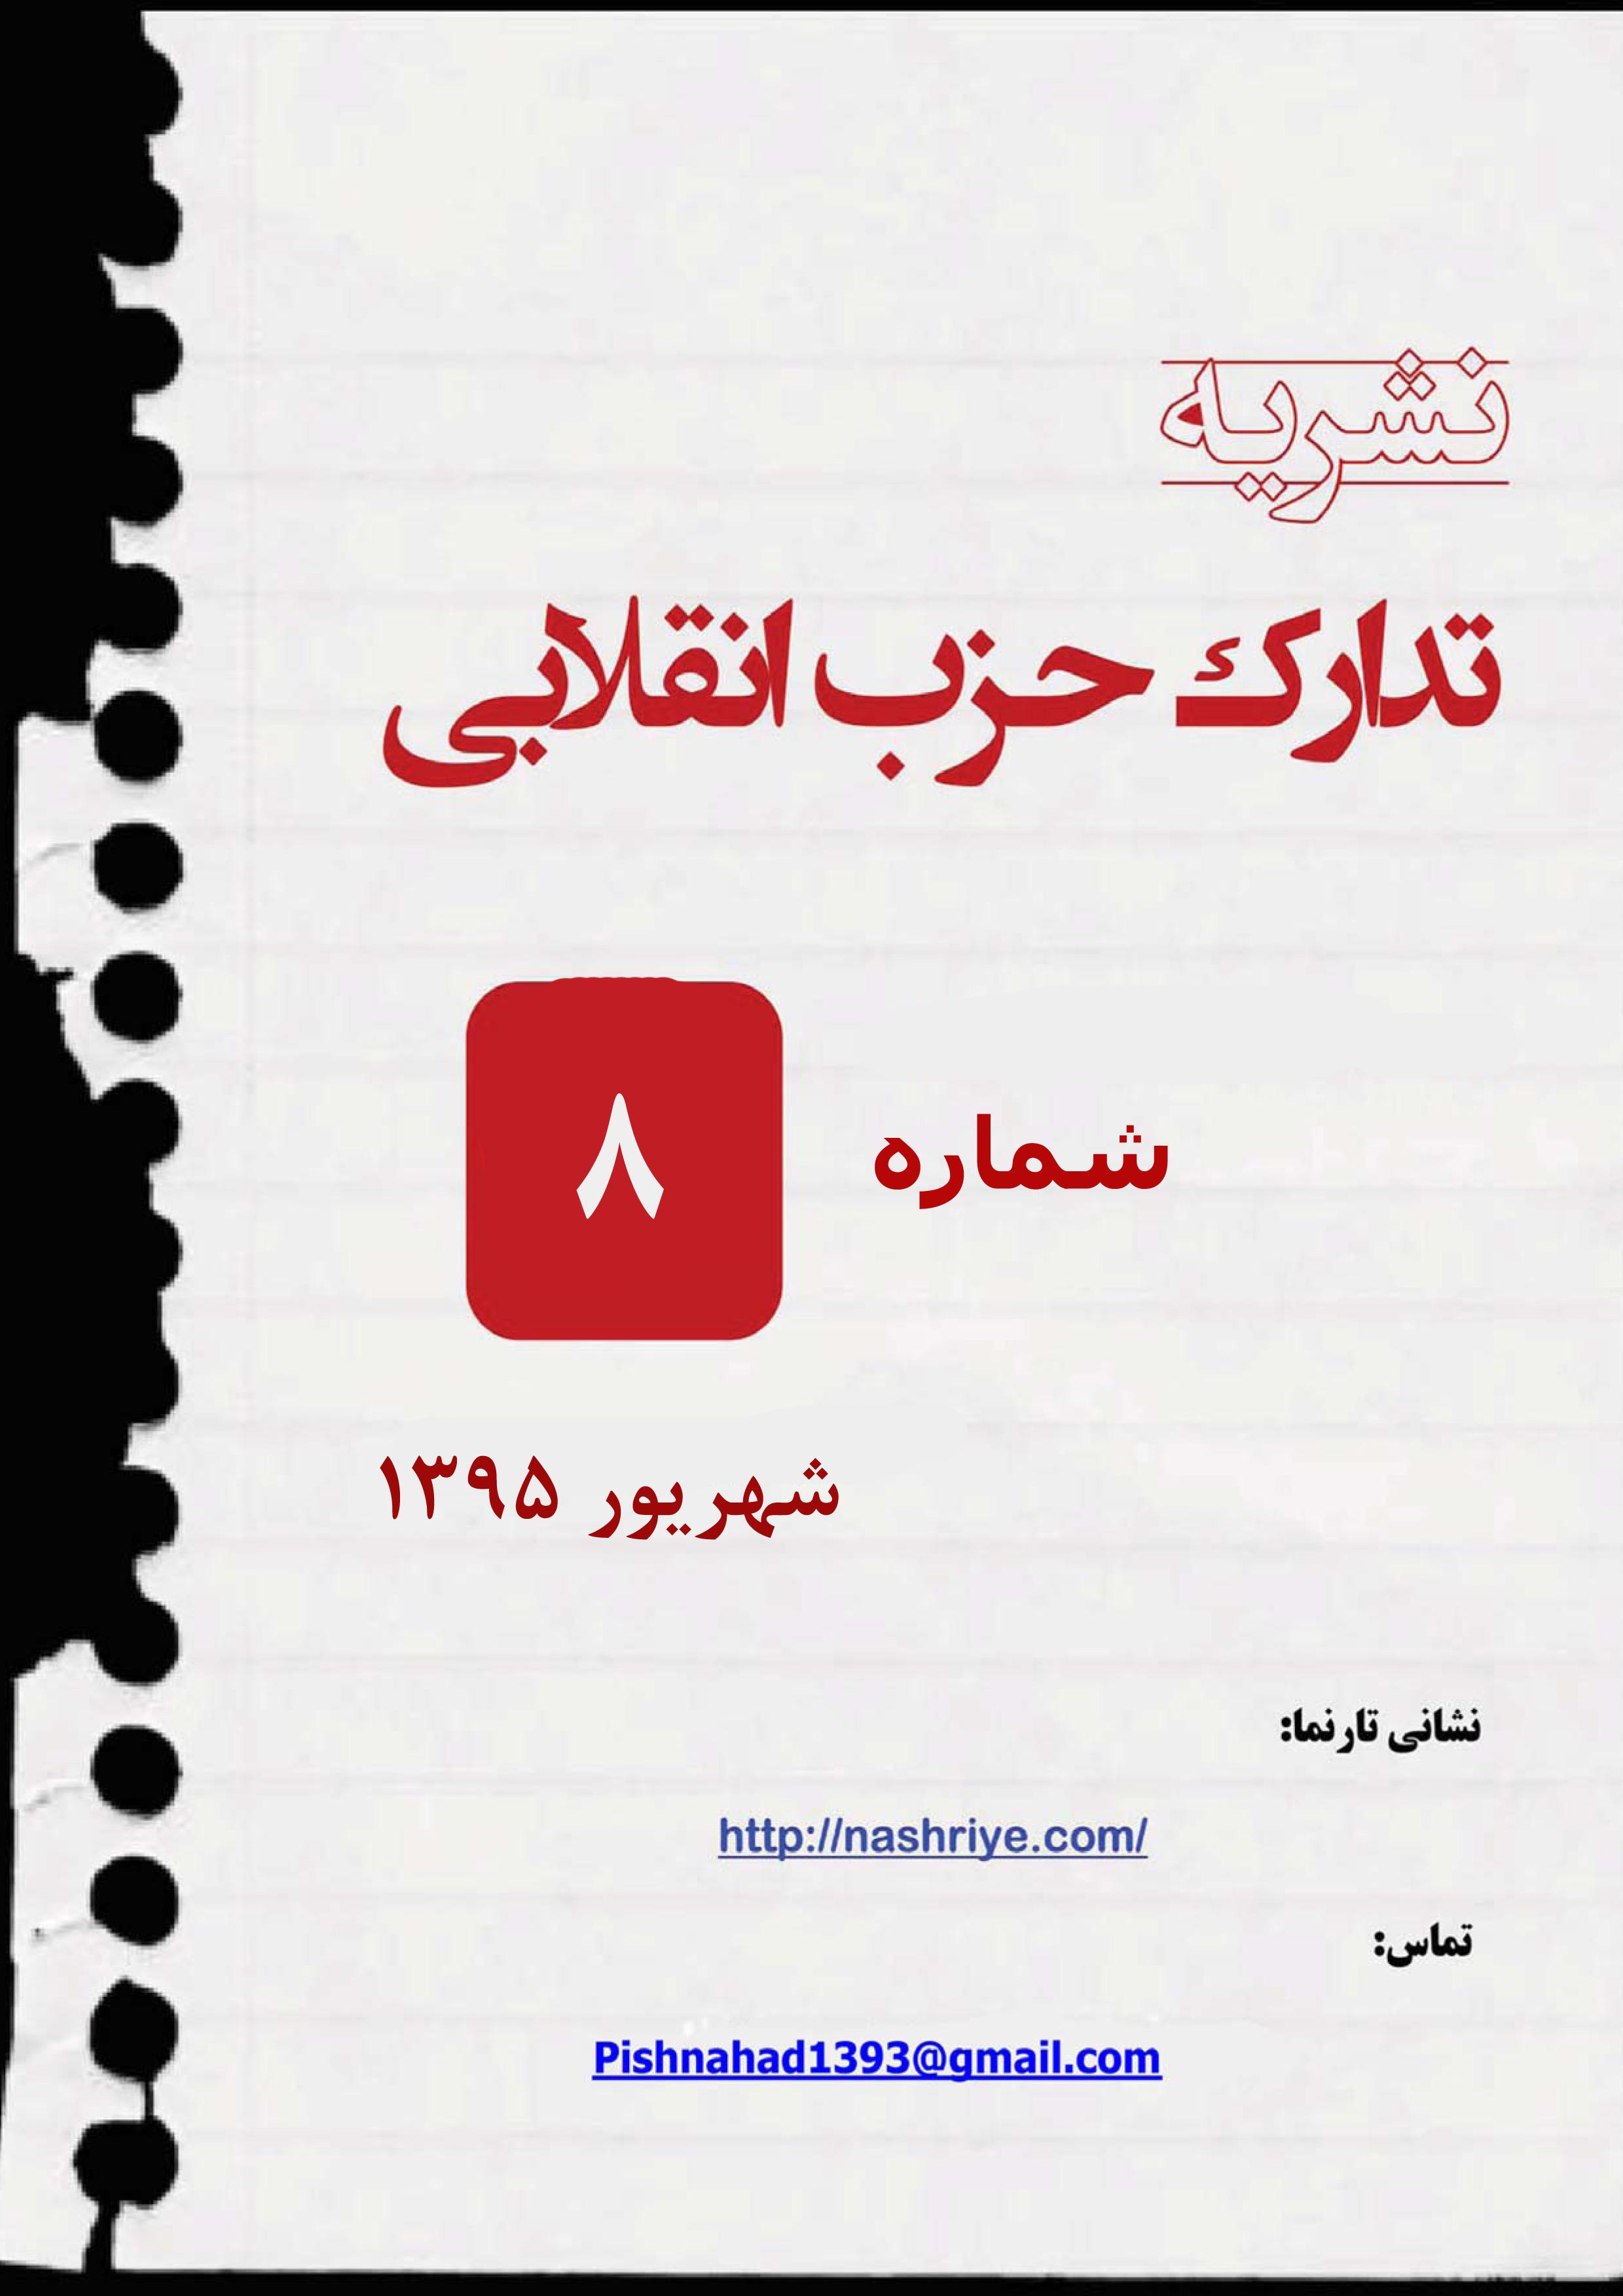 نشریه شماره هشت تدارک حزب انقلابی طبقه کارگر